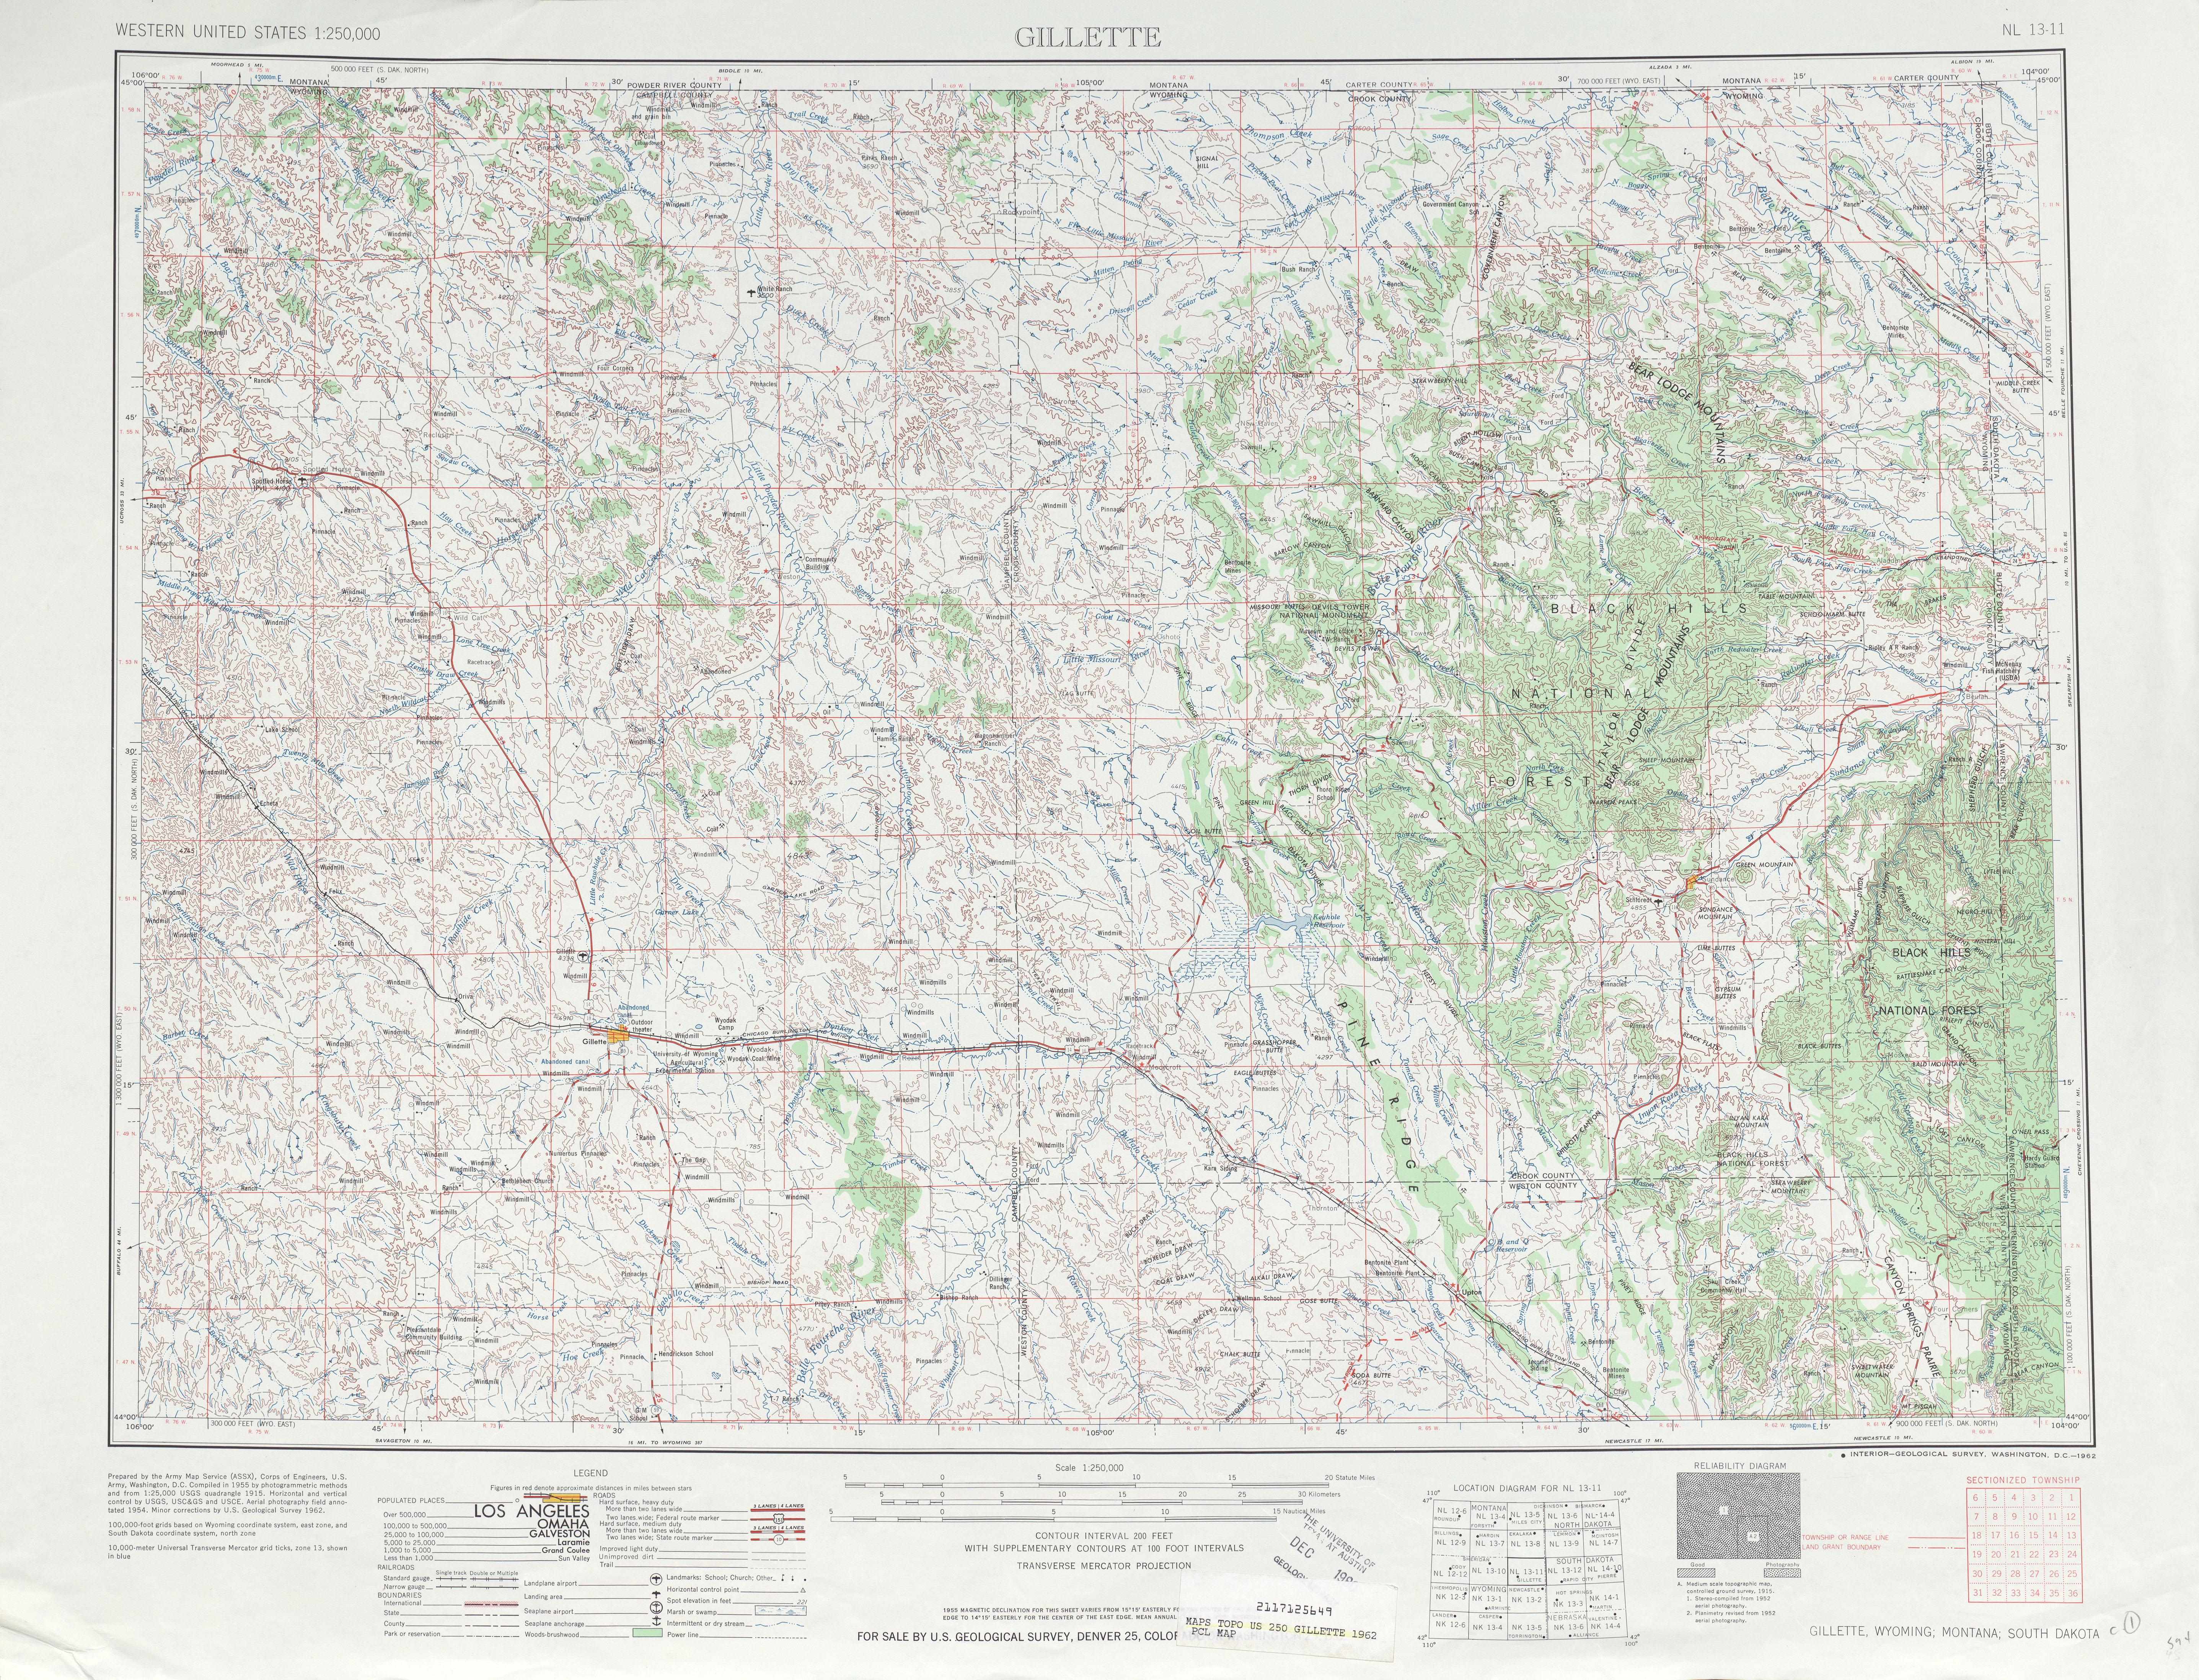 Hoja Gillette del Mapa Topográfico de los Estados Unidos 1962